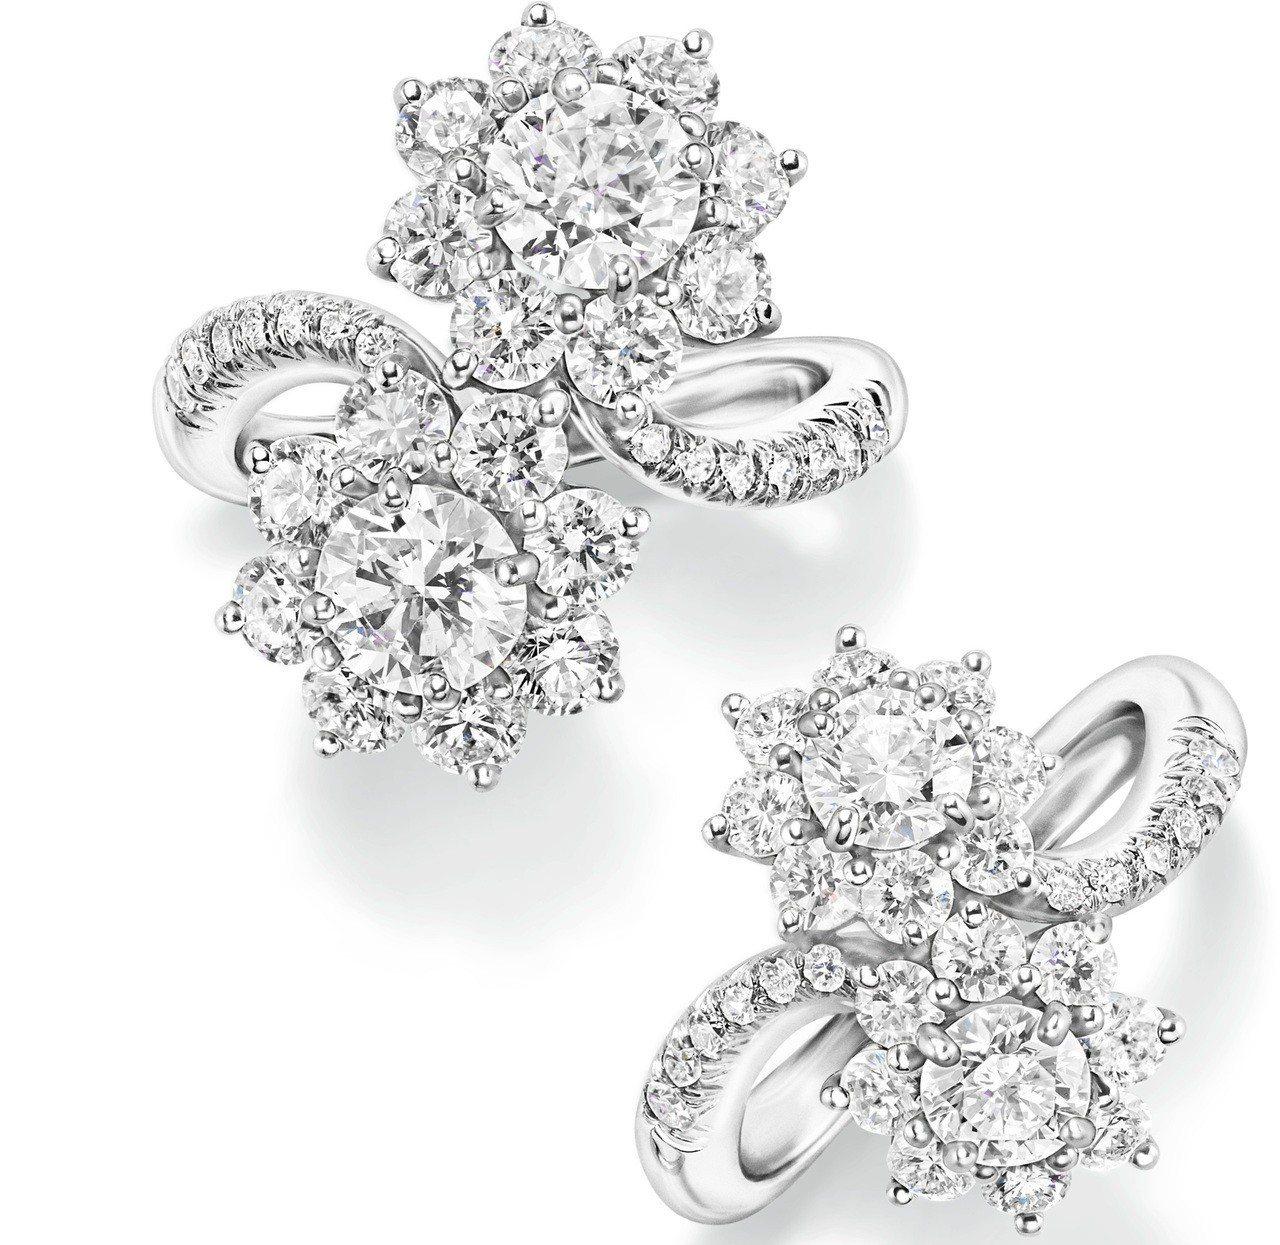 海瑞溫斯頓Sunflower系列鑽石戒指,以圓形明亮式切工鑽石組成,重約3.55...